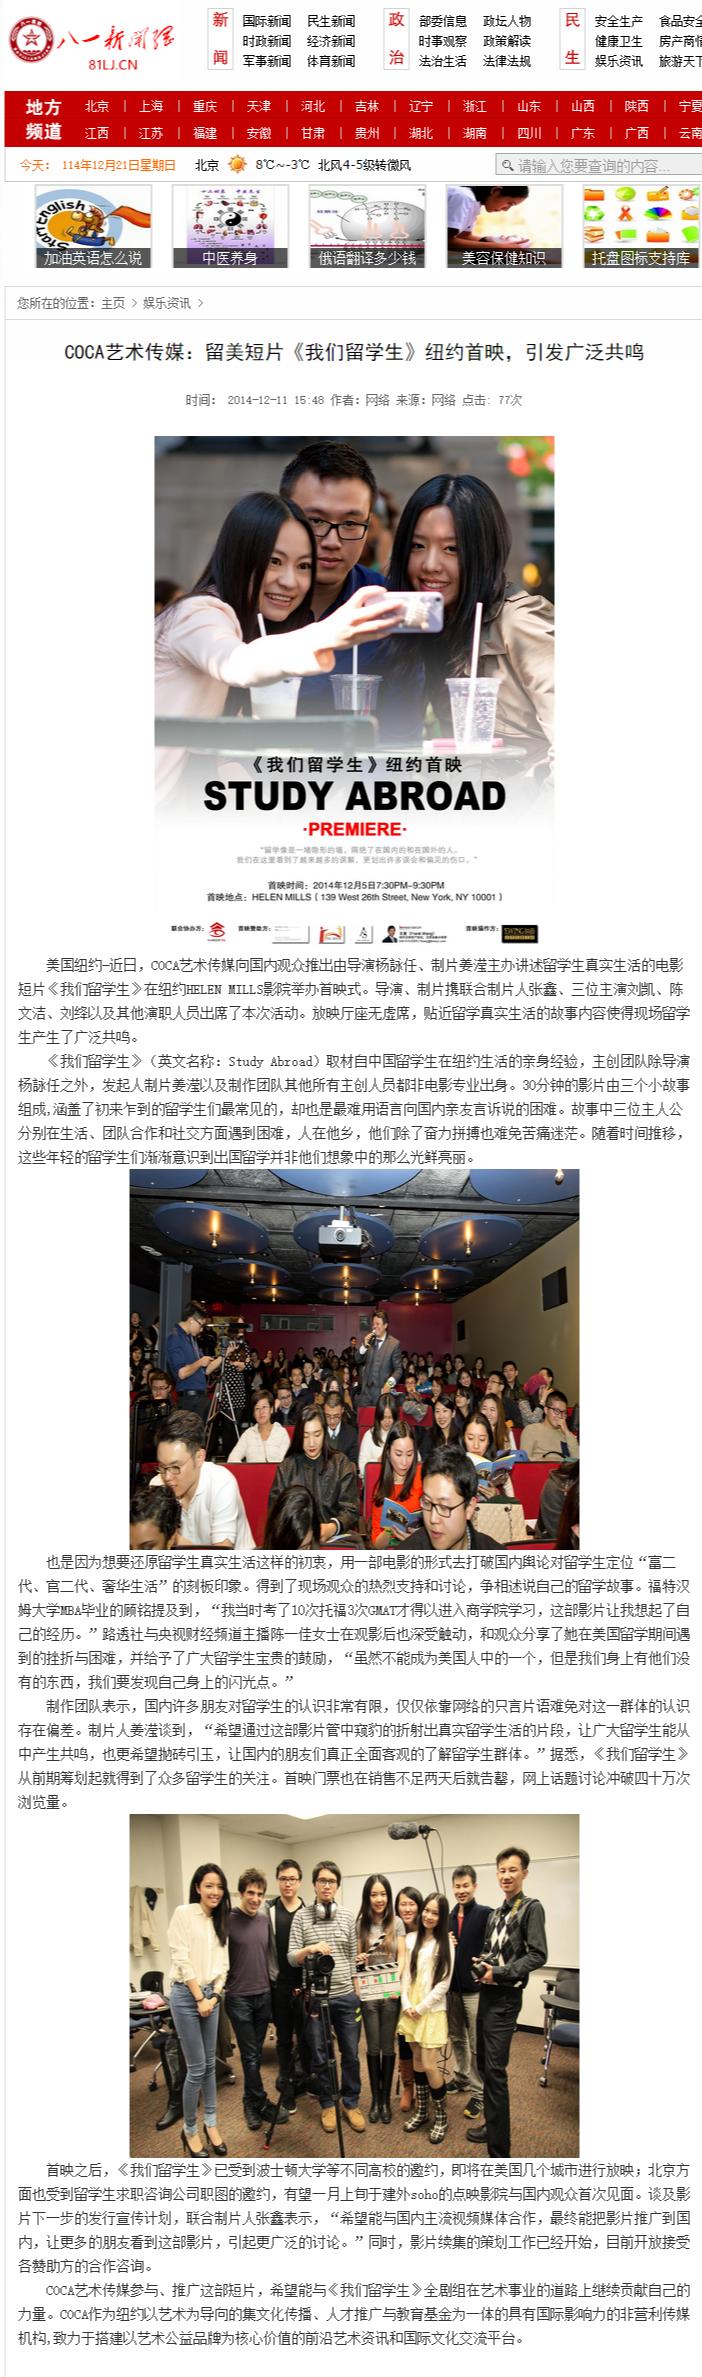 81JL.CN 12/11 report